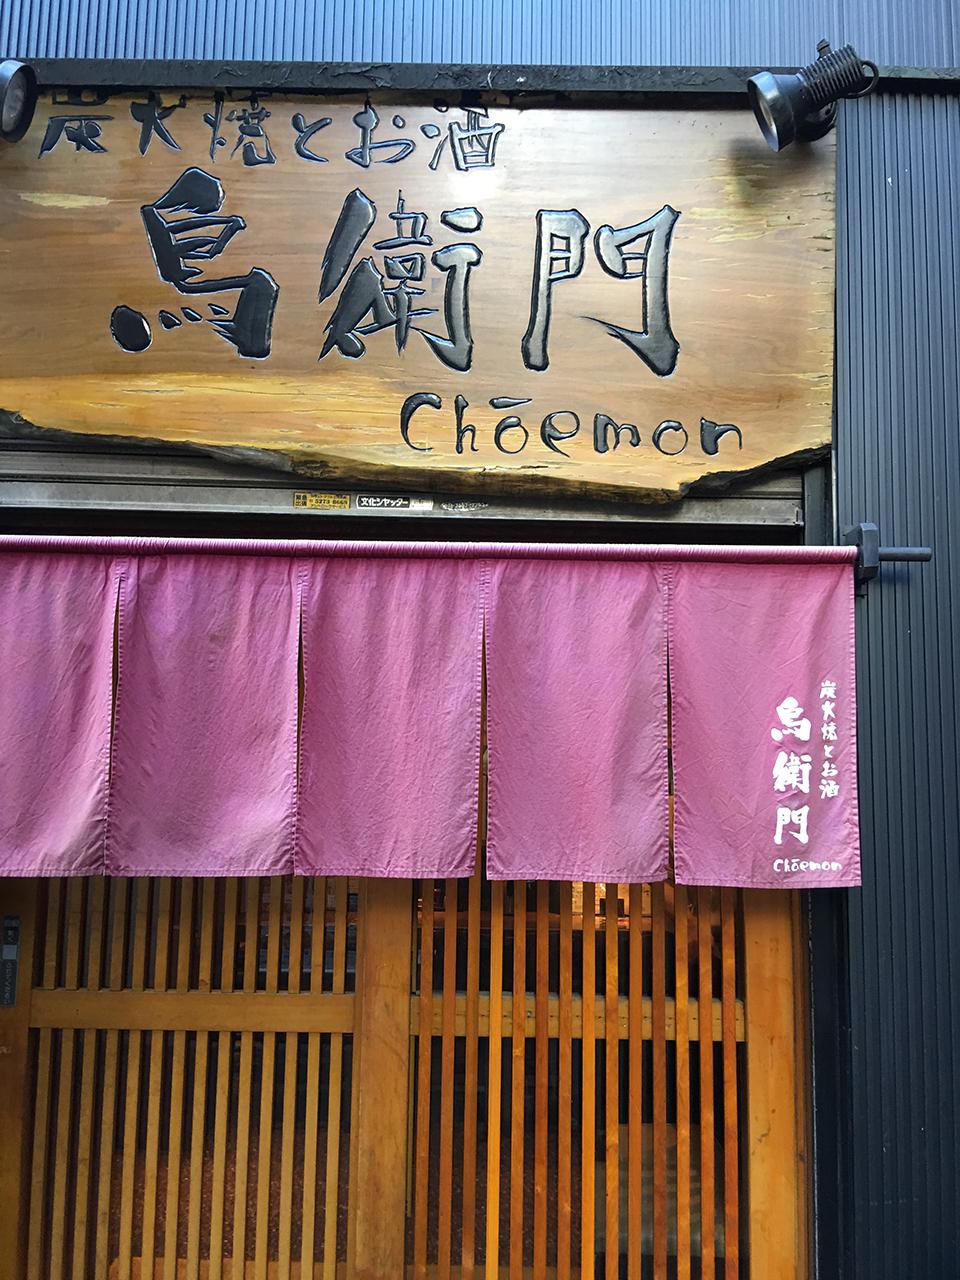 ☆☆☆★ 炭火焼とお酒 鳥衛門(ちょうえもん) at新宿